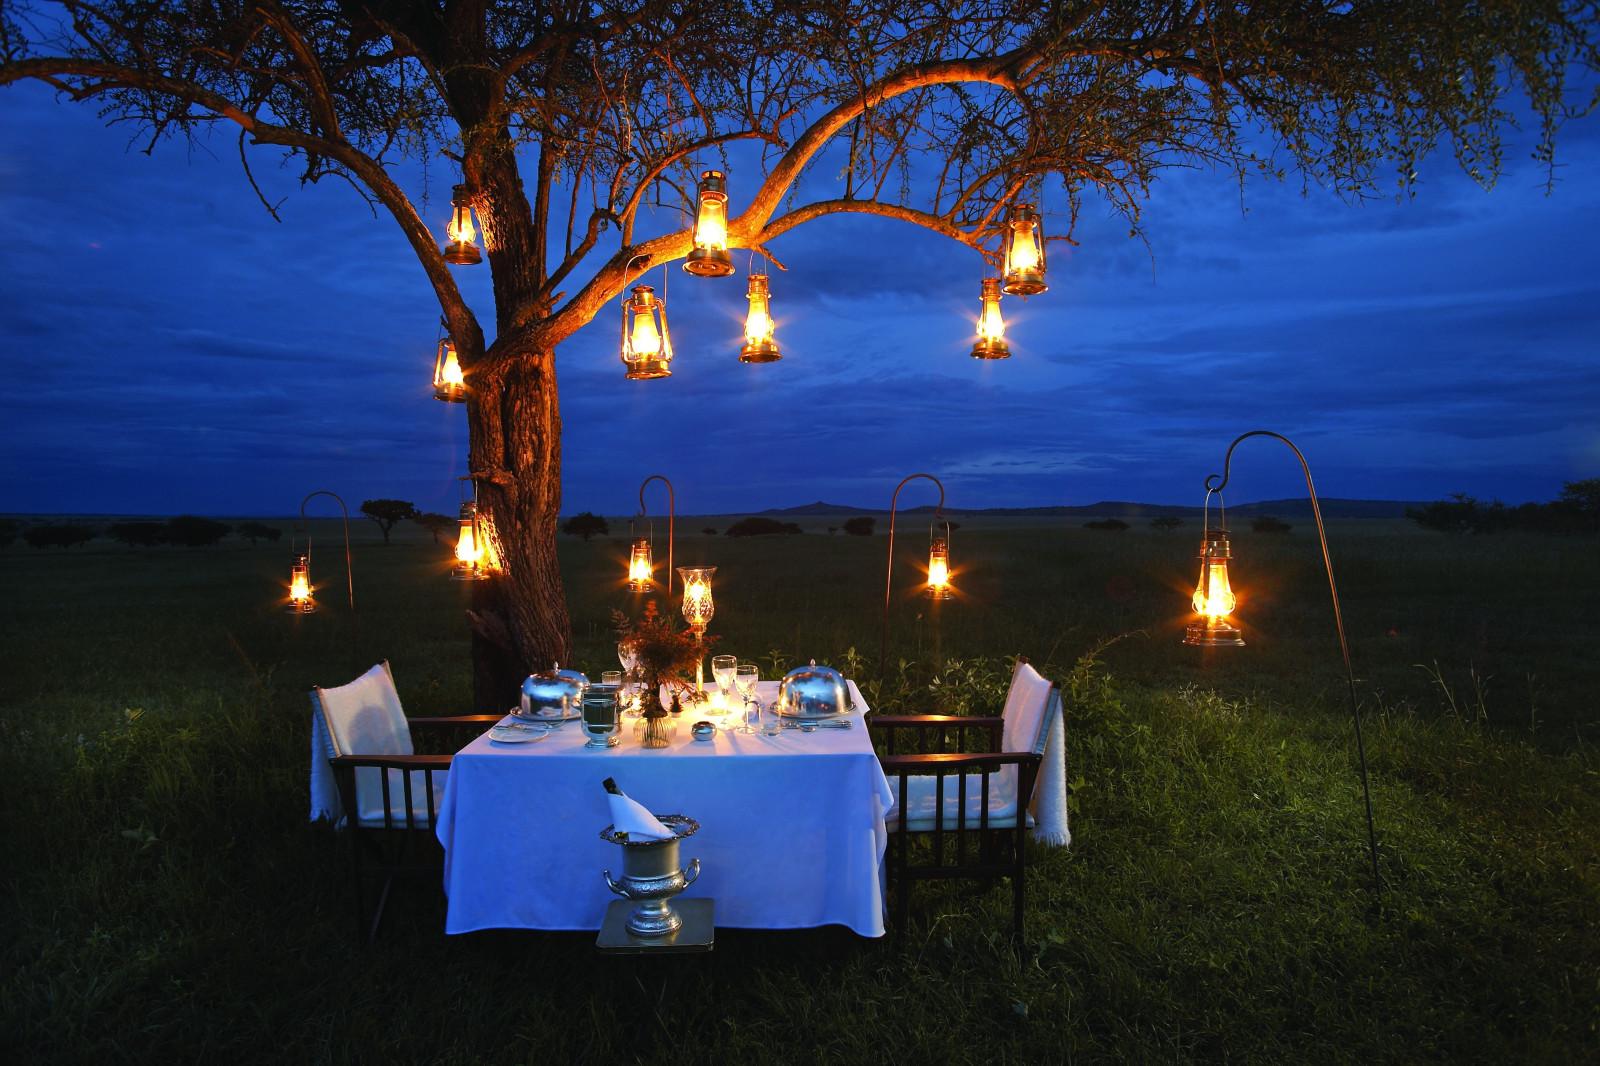 Картинки вечер в саду ужин, днем бракосочетания поздравления